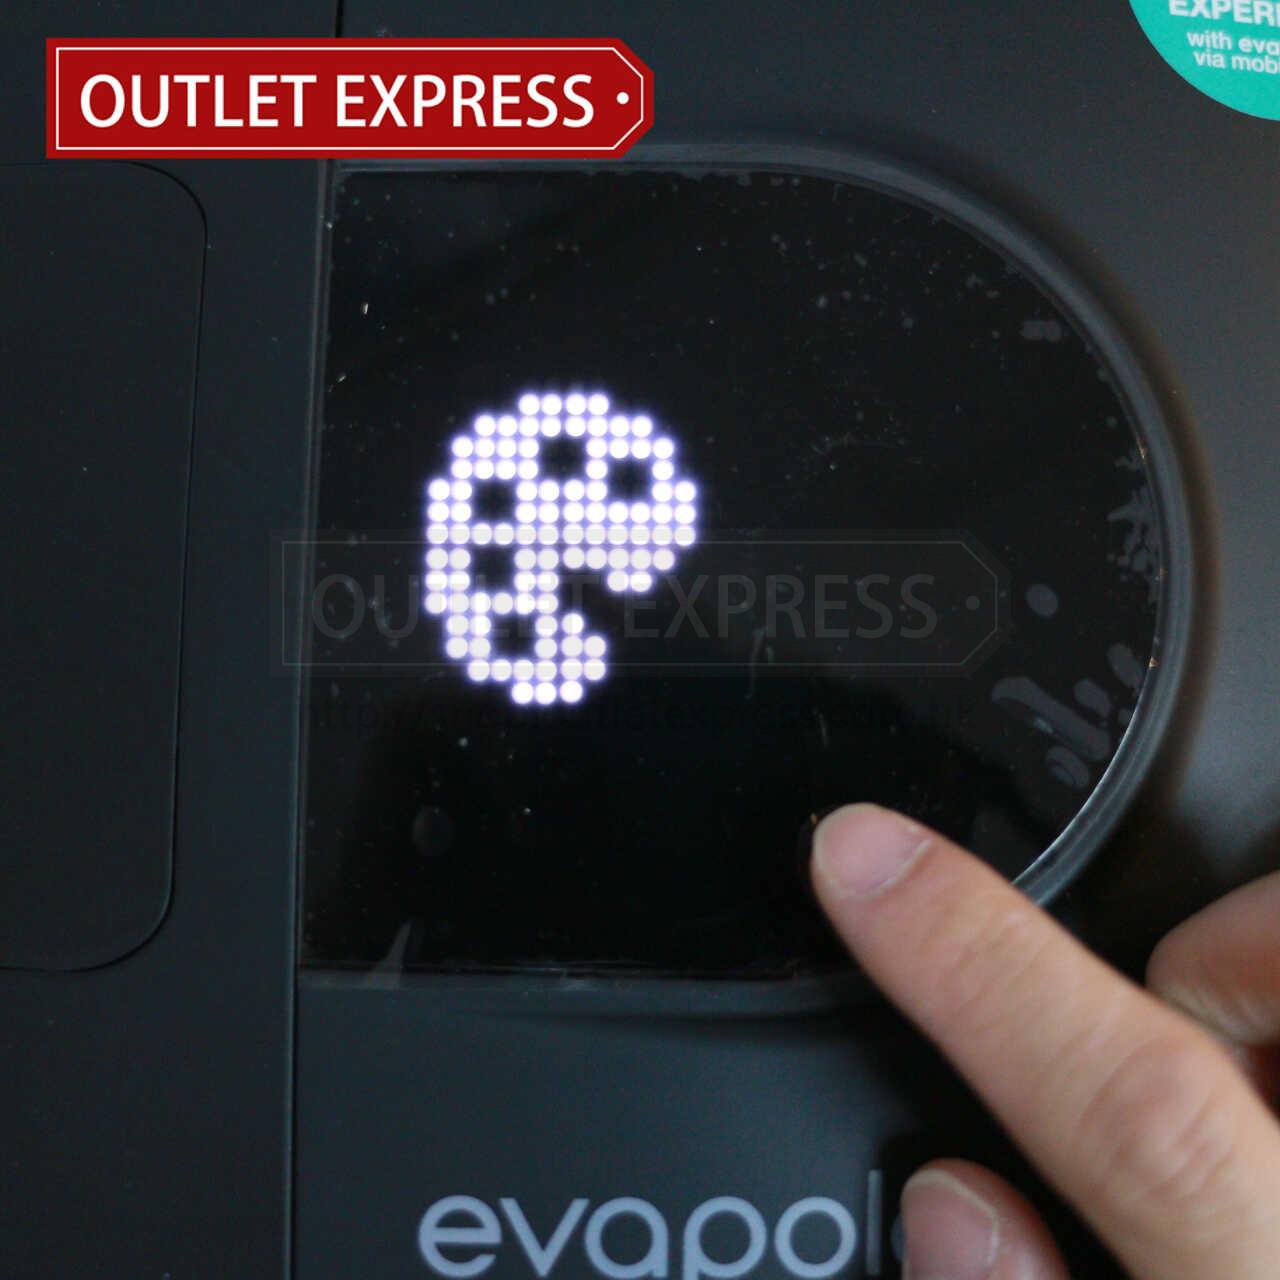 Evapolar 二代小型個人流動冷氣機 (evaSMART EV-3000) | 智能水冷風機 ( 現貨發售 ) | 香港行貨 顏色- Outlet Express HK生活百貨城實拍相片